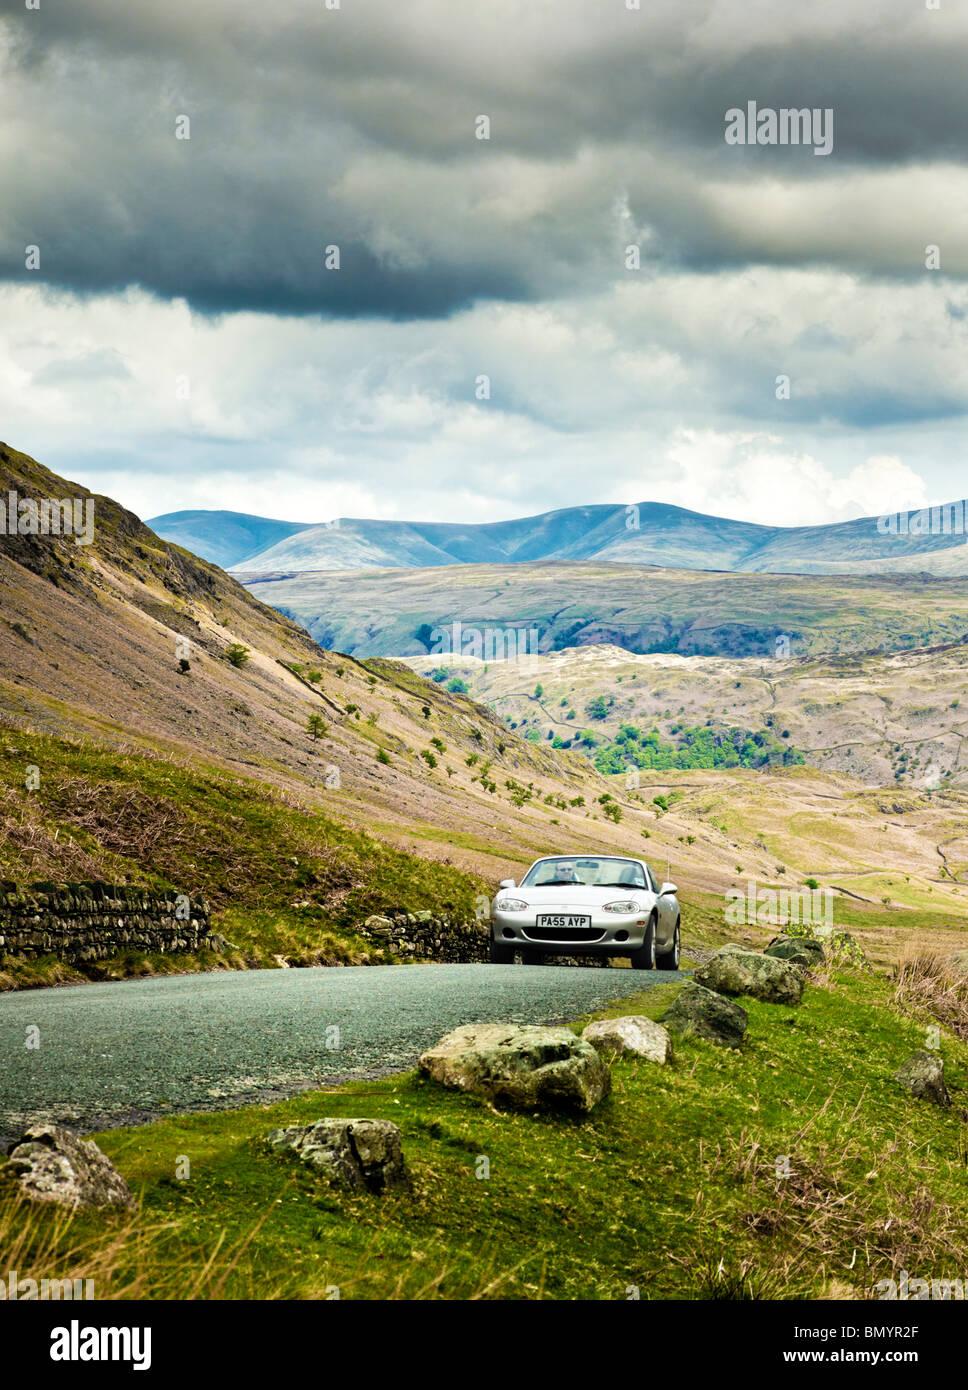 Conducción, UK, coche deportivo conducir en una carretera de montaña en el distrito de Los Lagos, en un Imagen De Stock